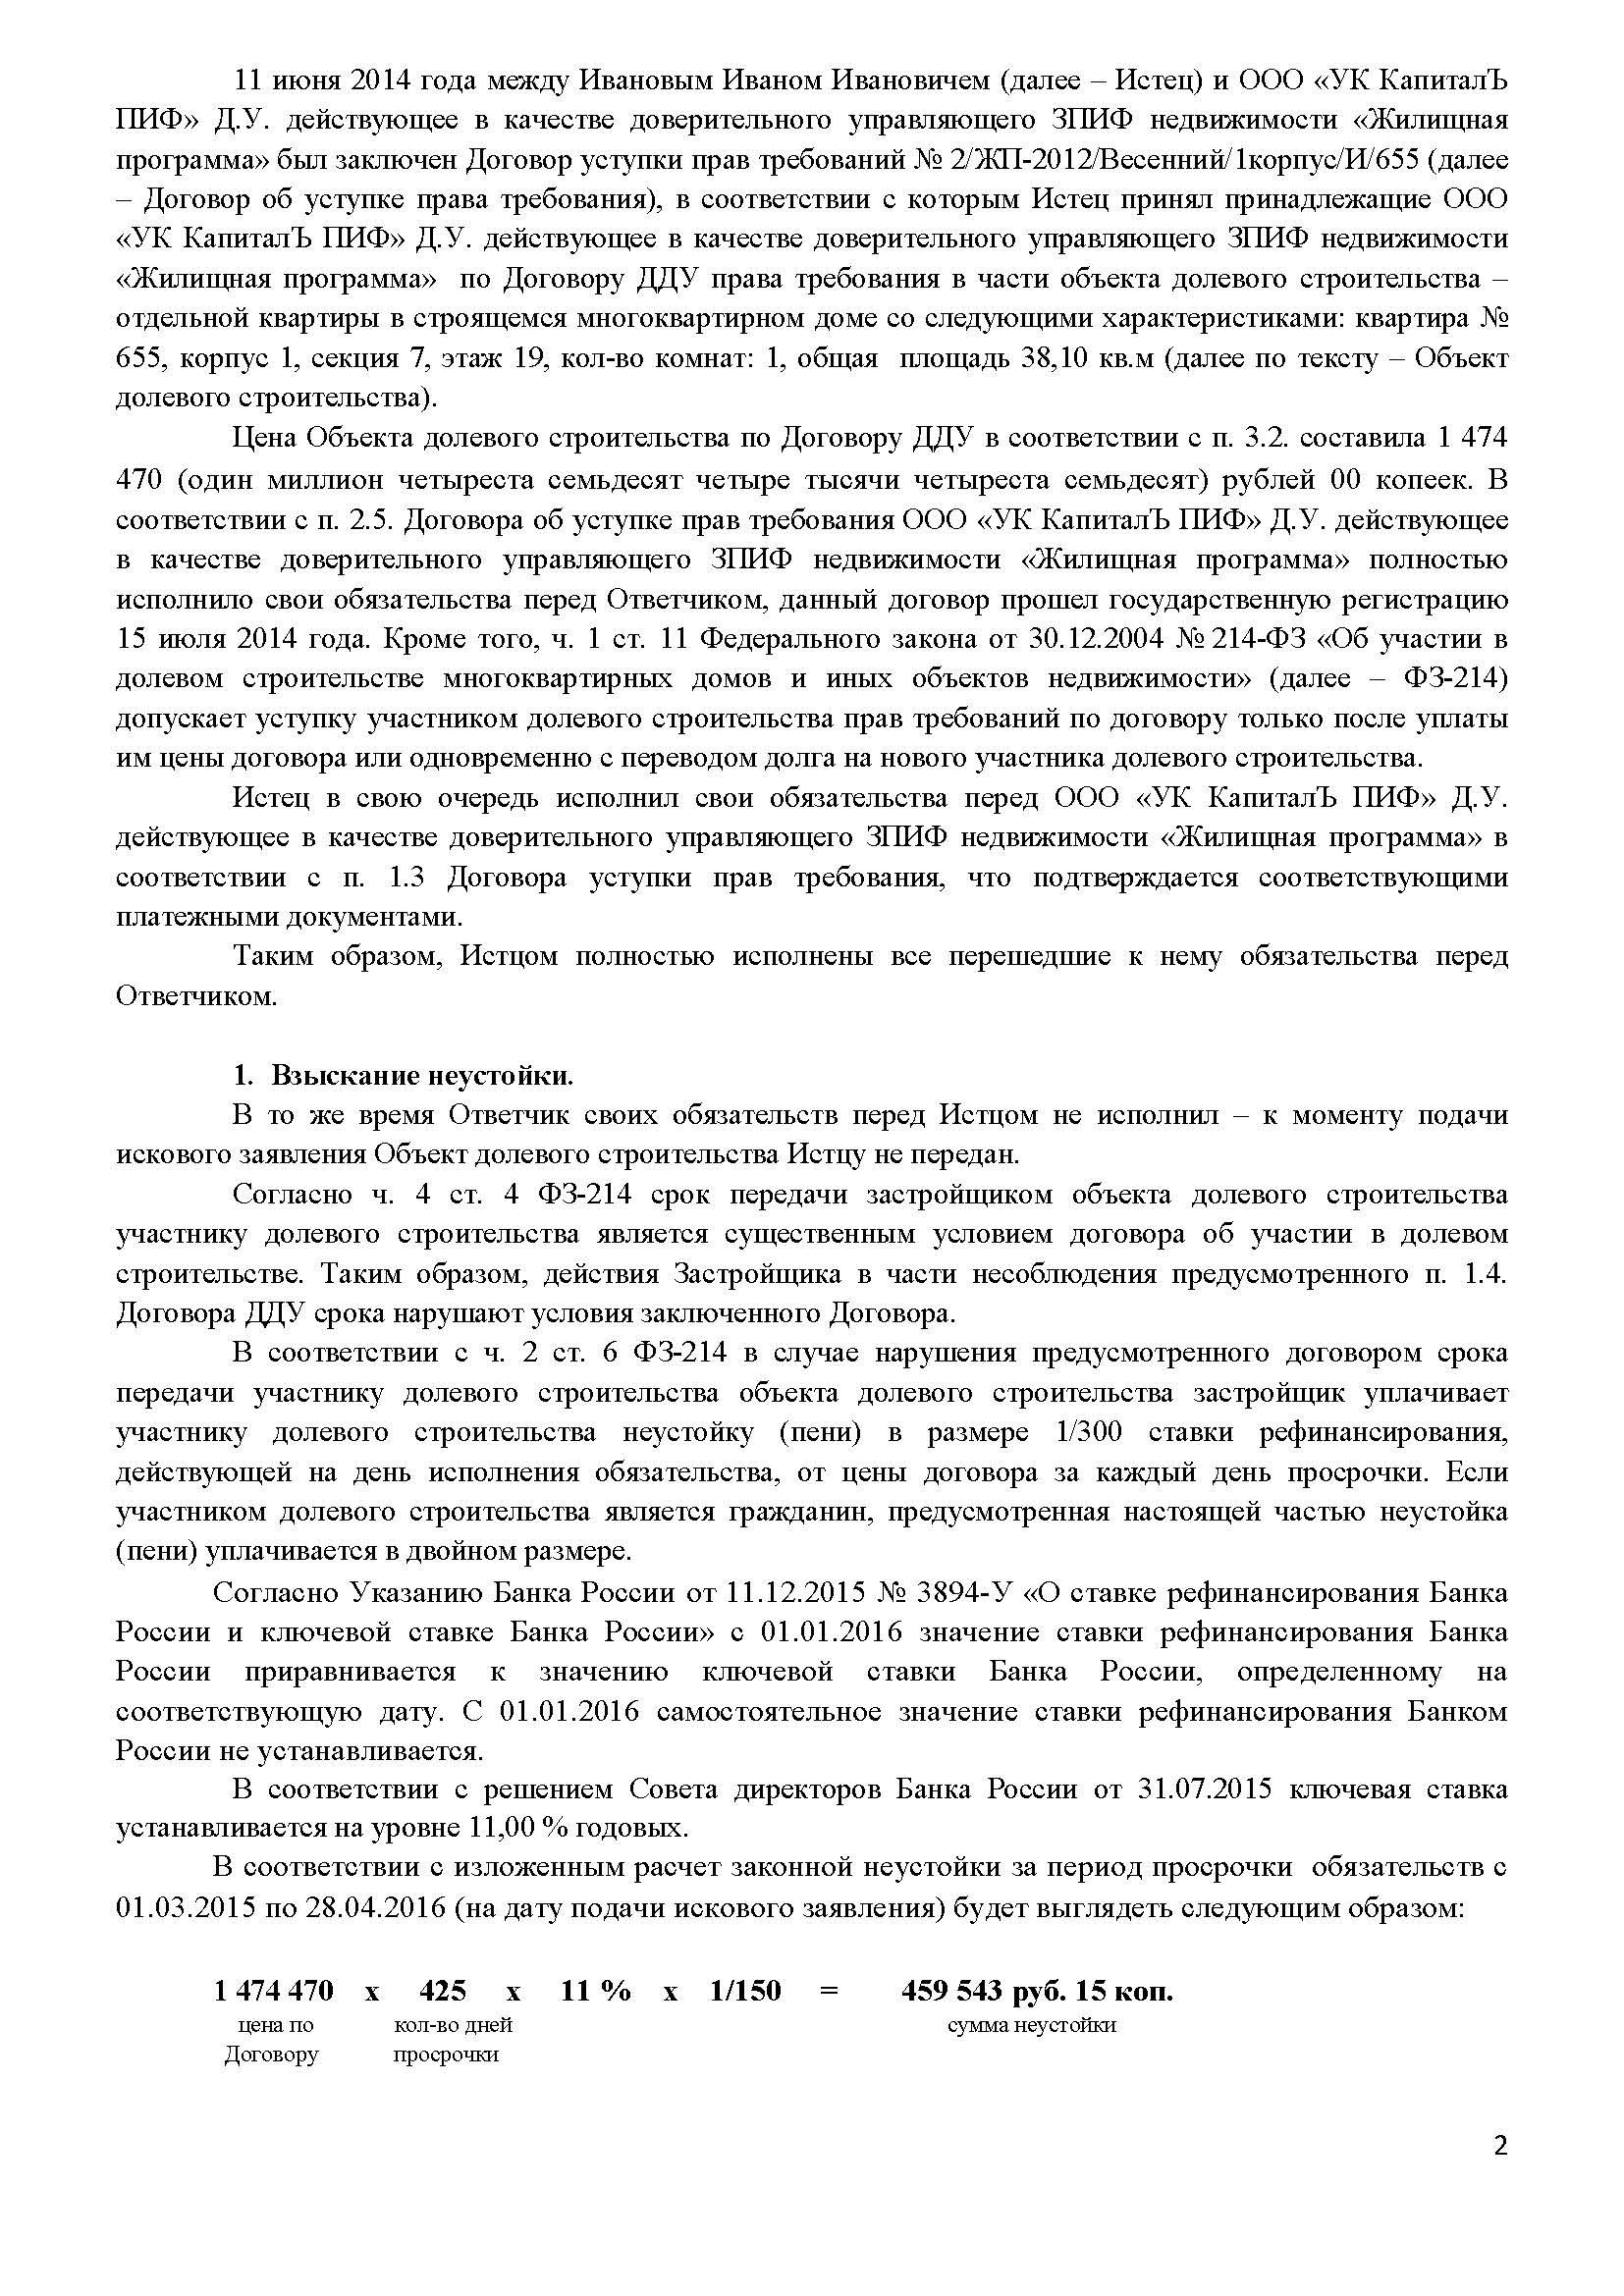 Исковое заявление о взыскании переплаты по кредиту